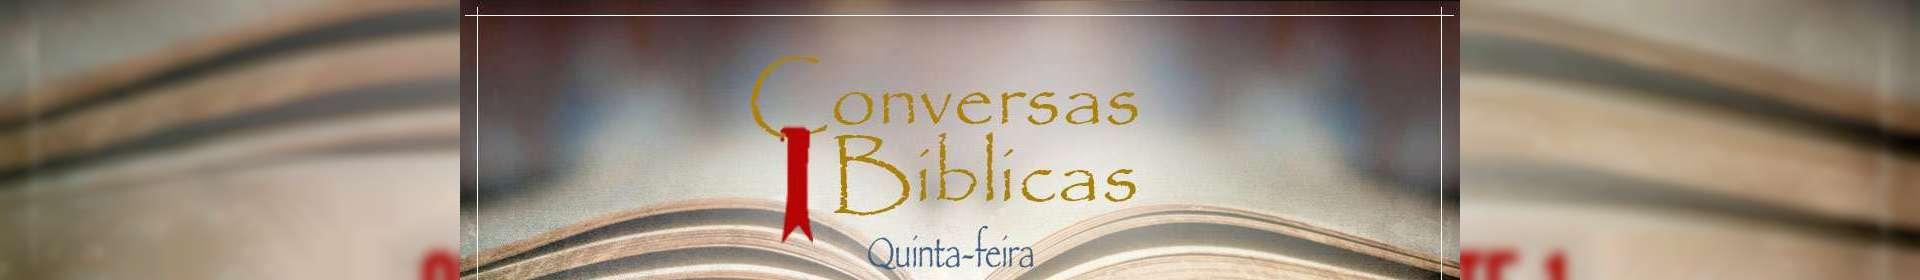 Conversas Bíblicas: Obra de Saul e Obra de Davi - Parte 1